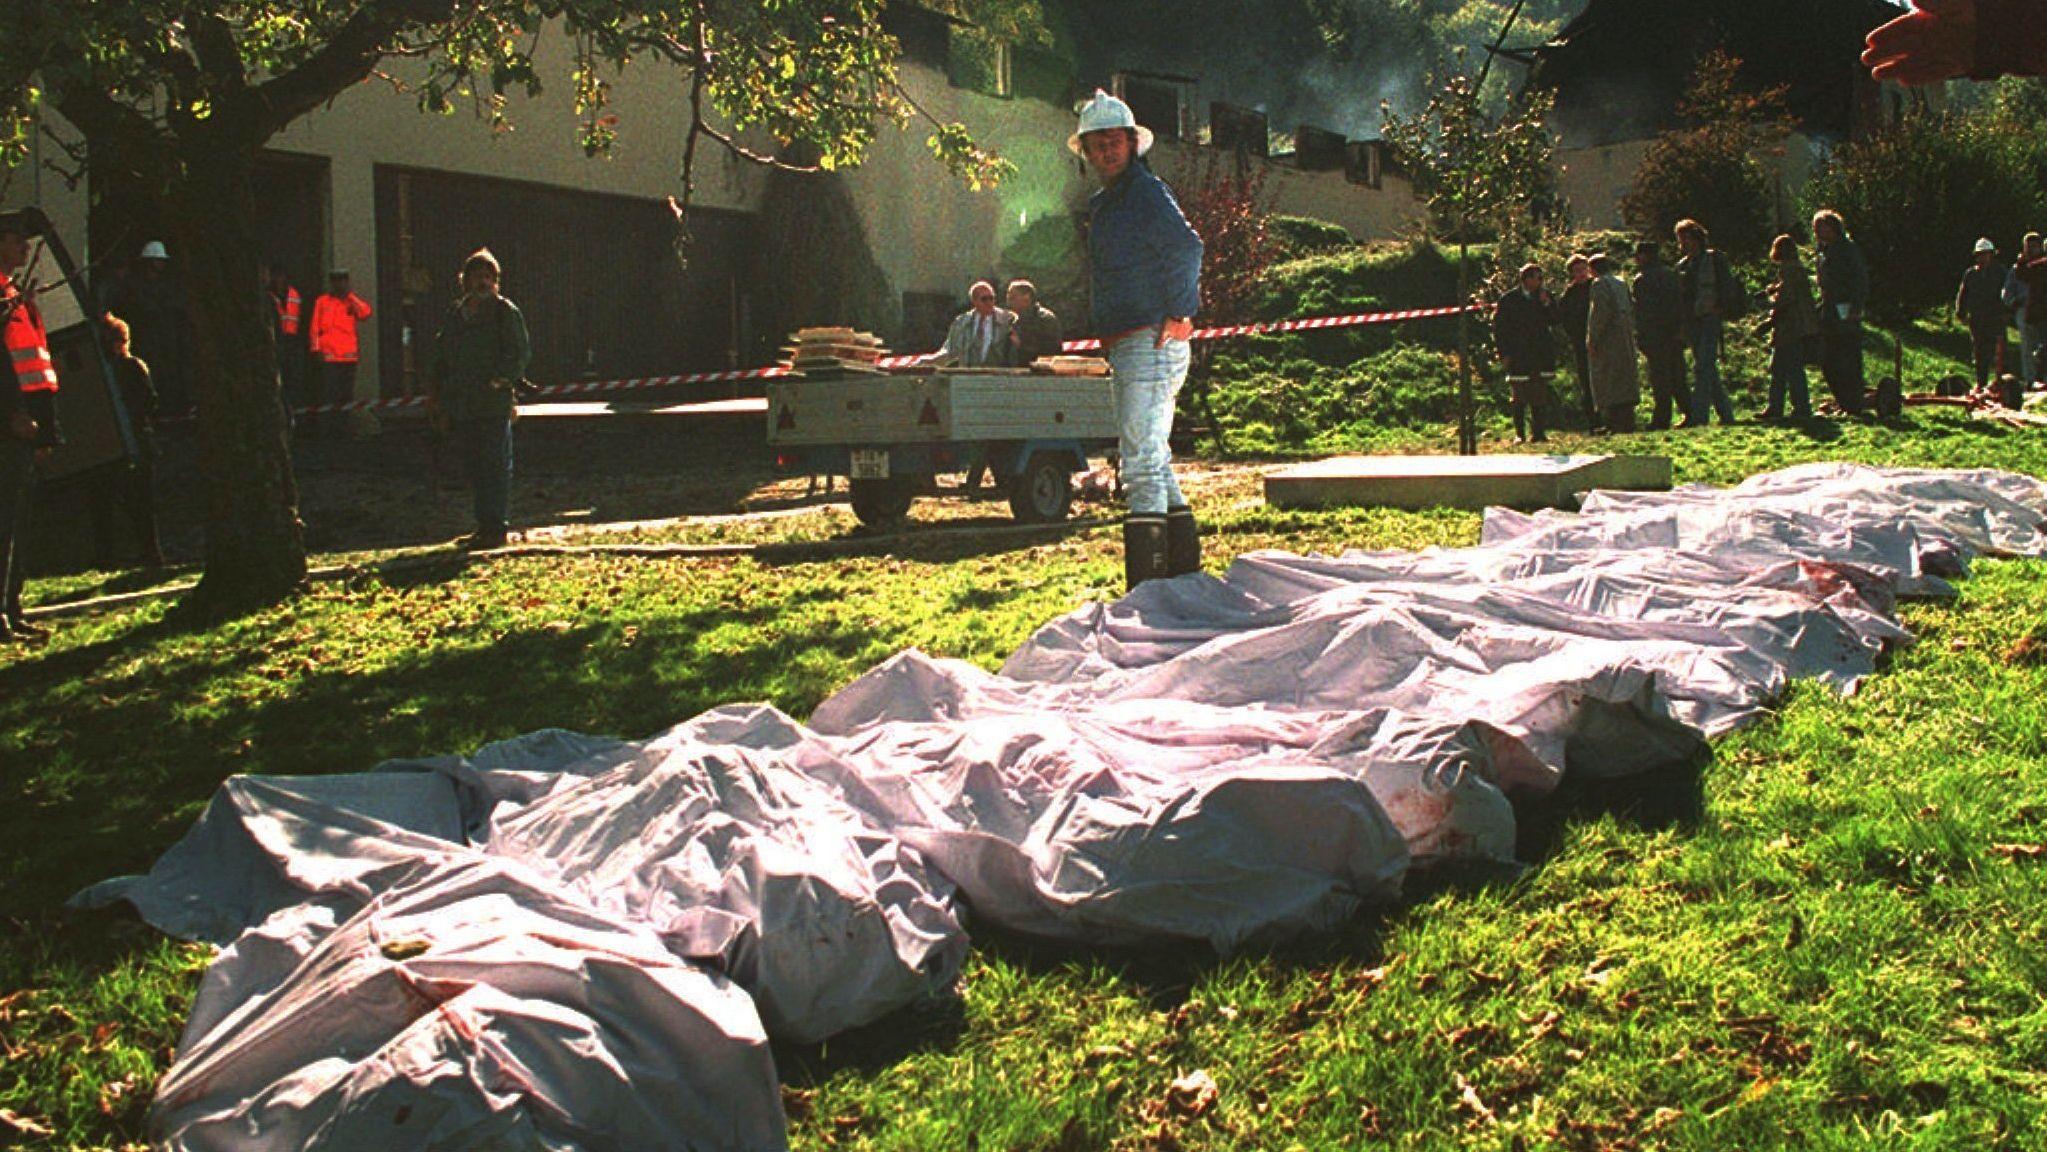 Polizei und Feuerwehr bergen im Oktober 1994 im schweizerischen Cheiry mehrere Leichen von Mitgliedern der Sonnentempler-Sekte.